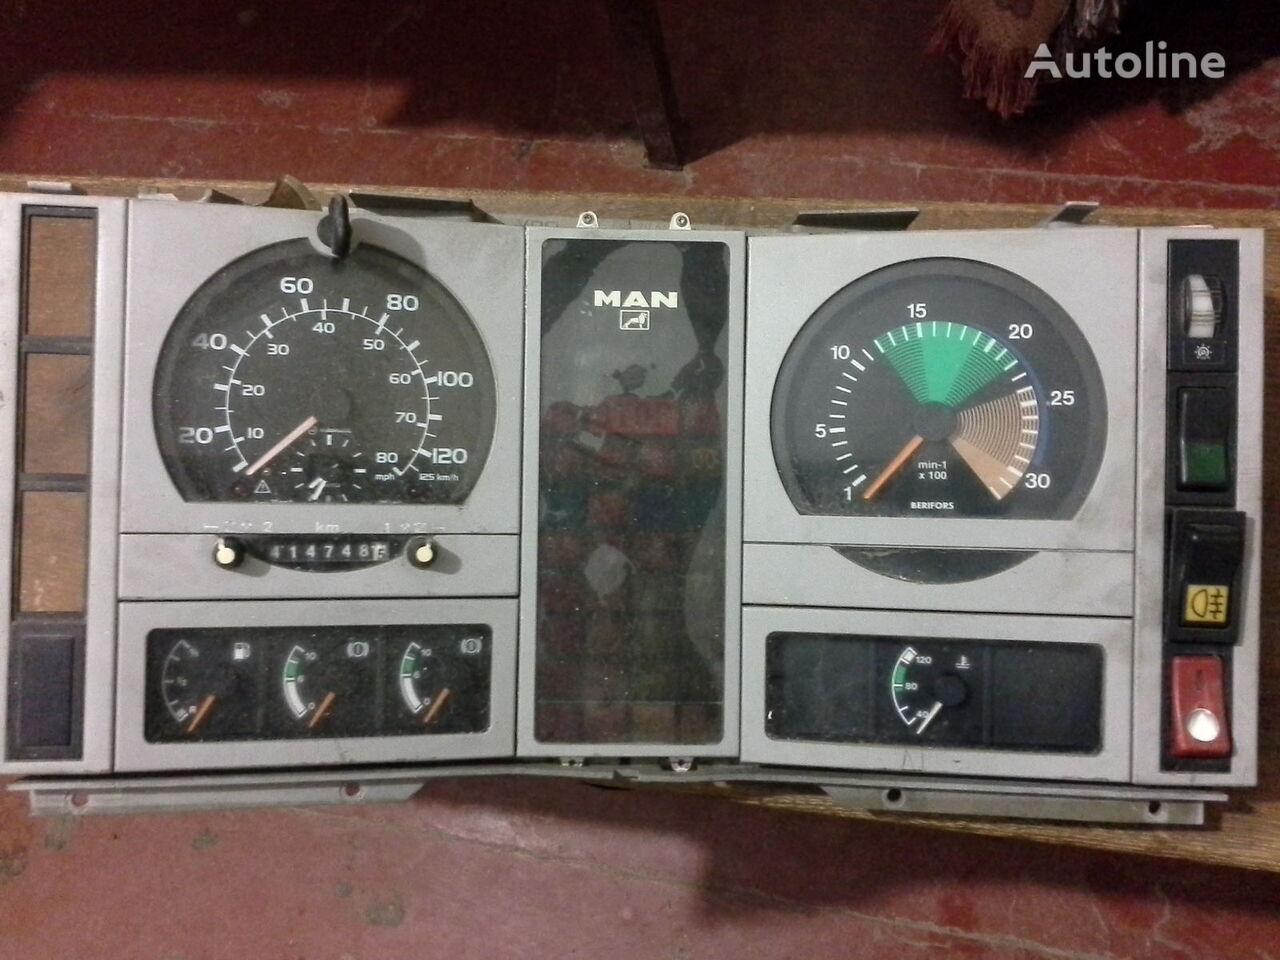 φορτηγό MAN  L2000 Po zapchastyam για ταχογράφος MAN Spidometr Tahometr originalni zapchasti kabini